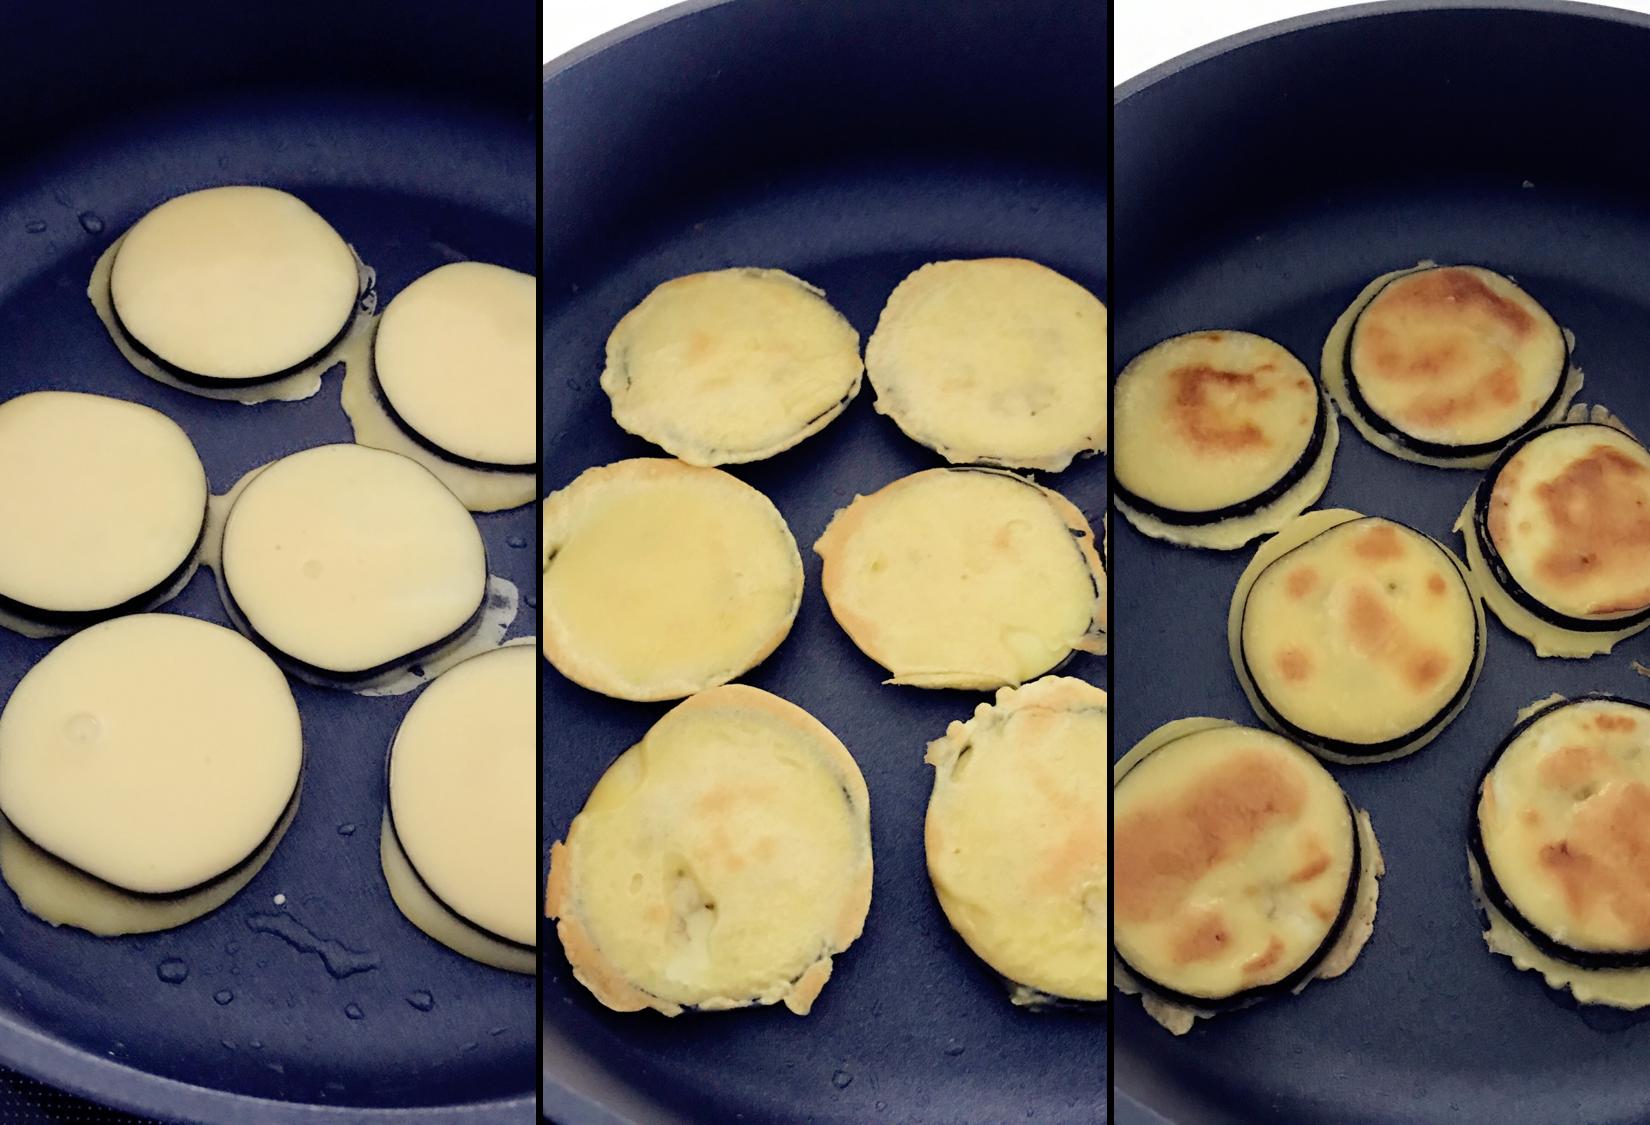 宝宝辅食:香香软嫩的茄子馍,快手美味,宝宝吃不够!12M+</p> <p>,热锅,倒入少许植物油,放入两边挂满鸡蛋面糊的茄子片,小火烘煎至两边都变成金黄色。</p> <p>》当晃动平底锅茄子饼可以跟着动时再翻面,然后不断翻面烘煎至变色即可。